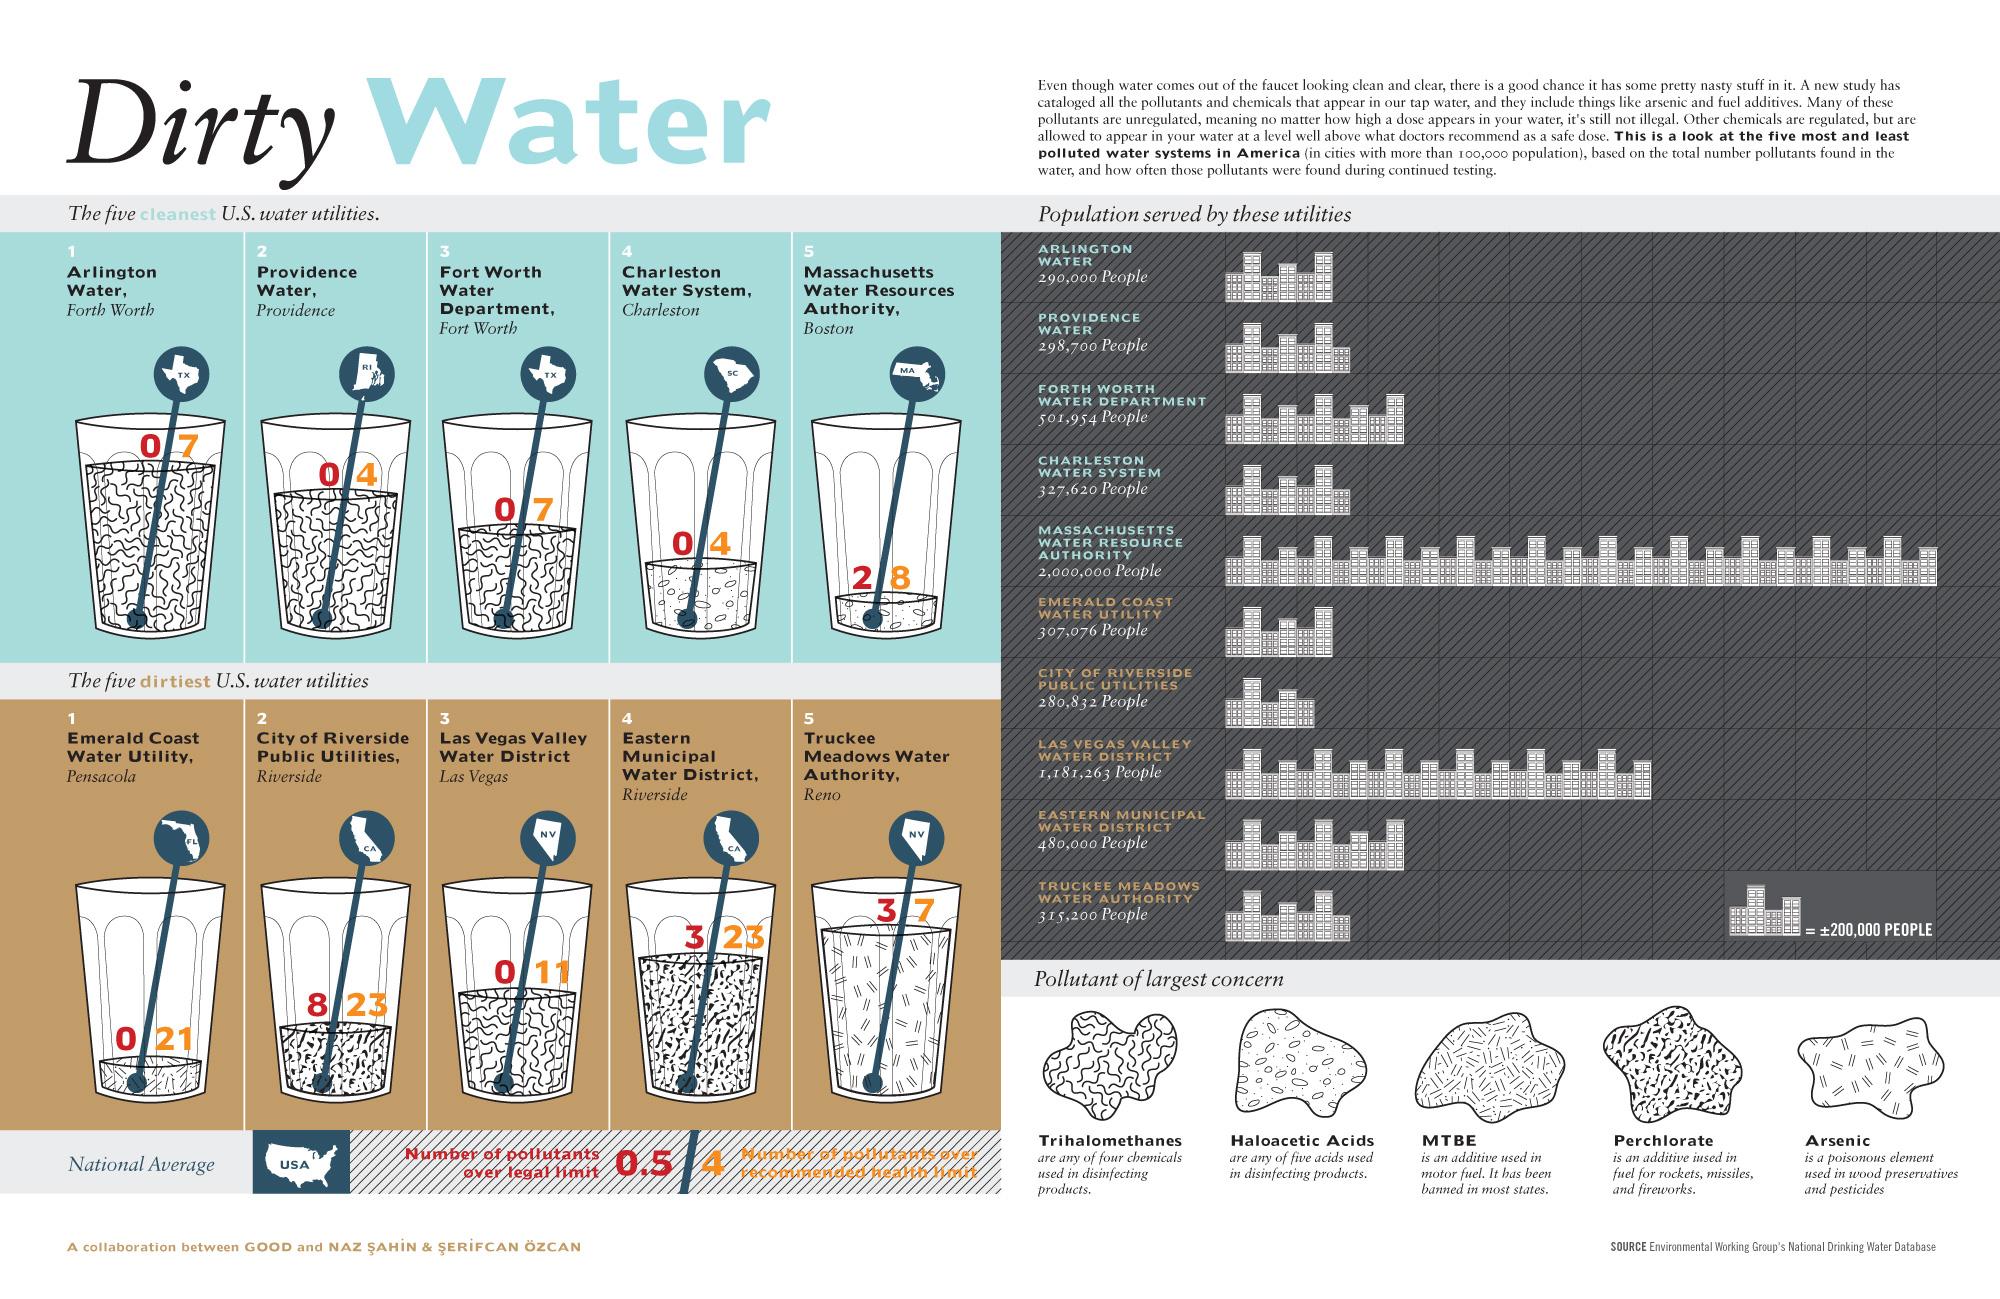 Качество воды в Америке